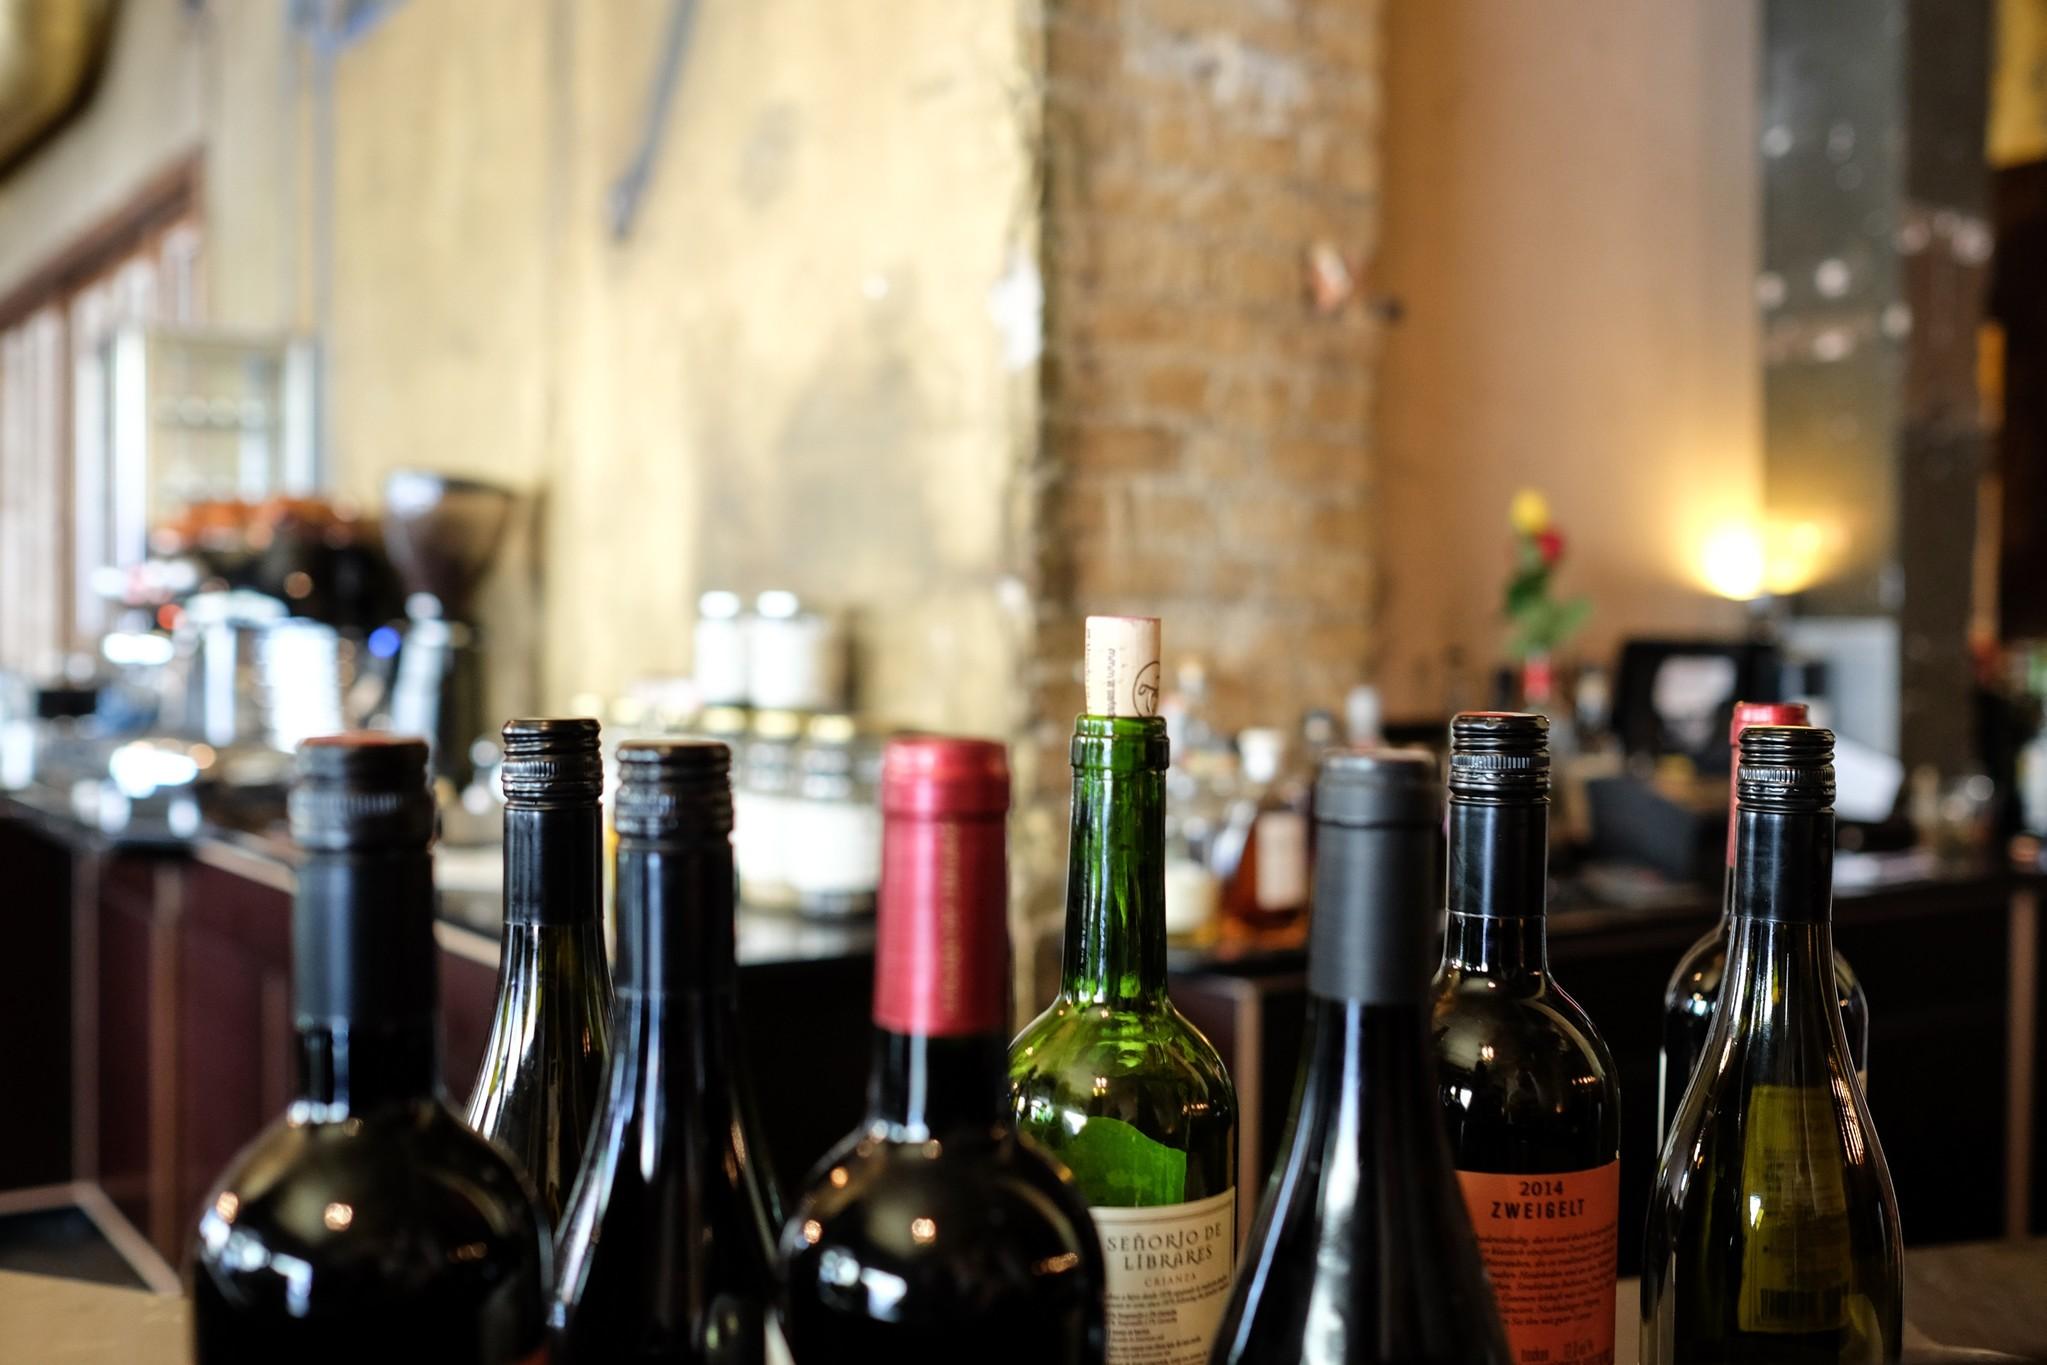 Wijn & Bar   Haal het uitgaansleven in huis met deze leuke accessoires!